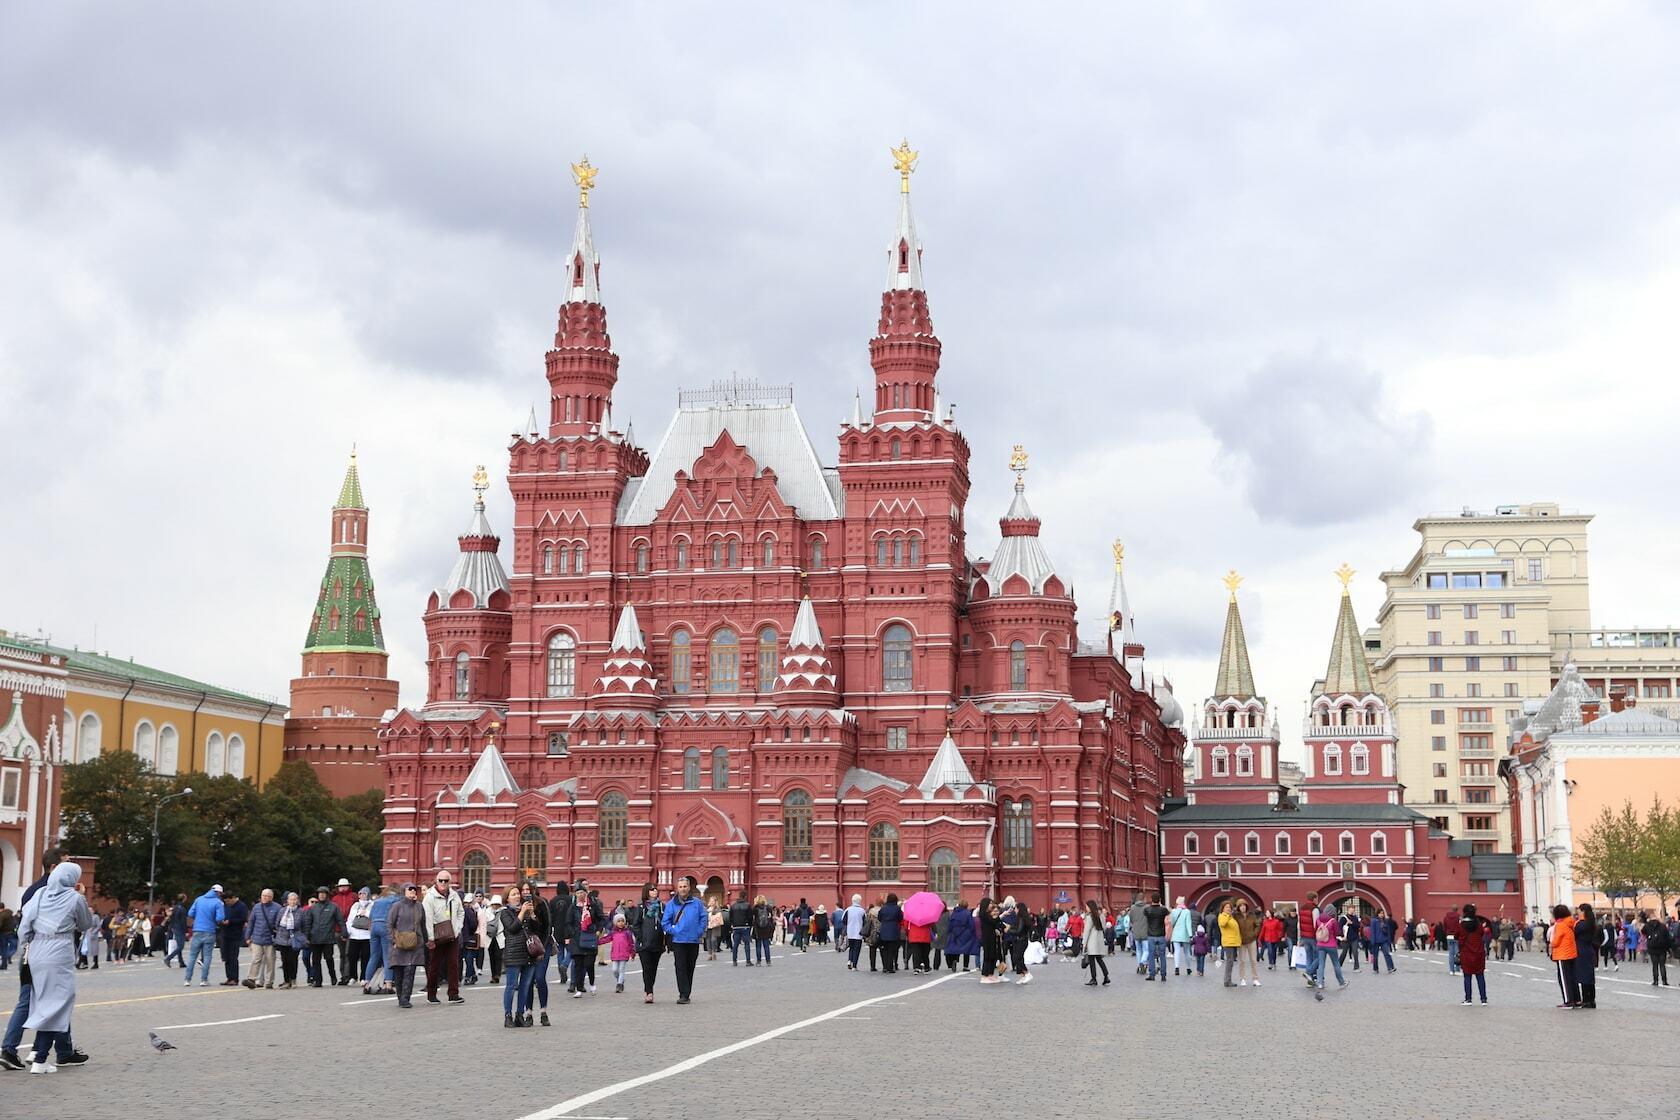 praça vermelha moscou russia dicas